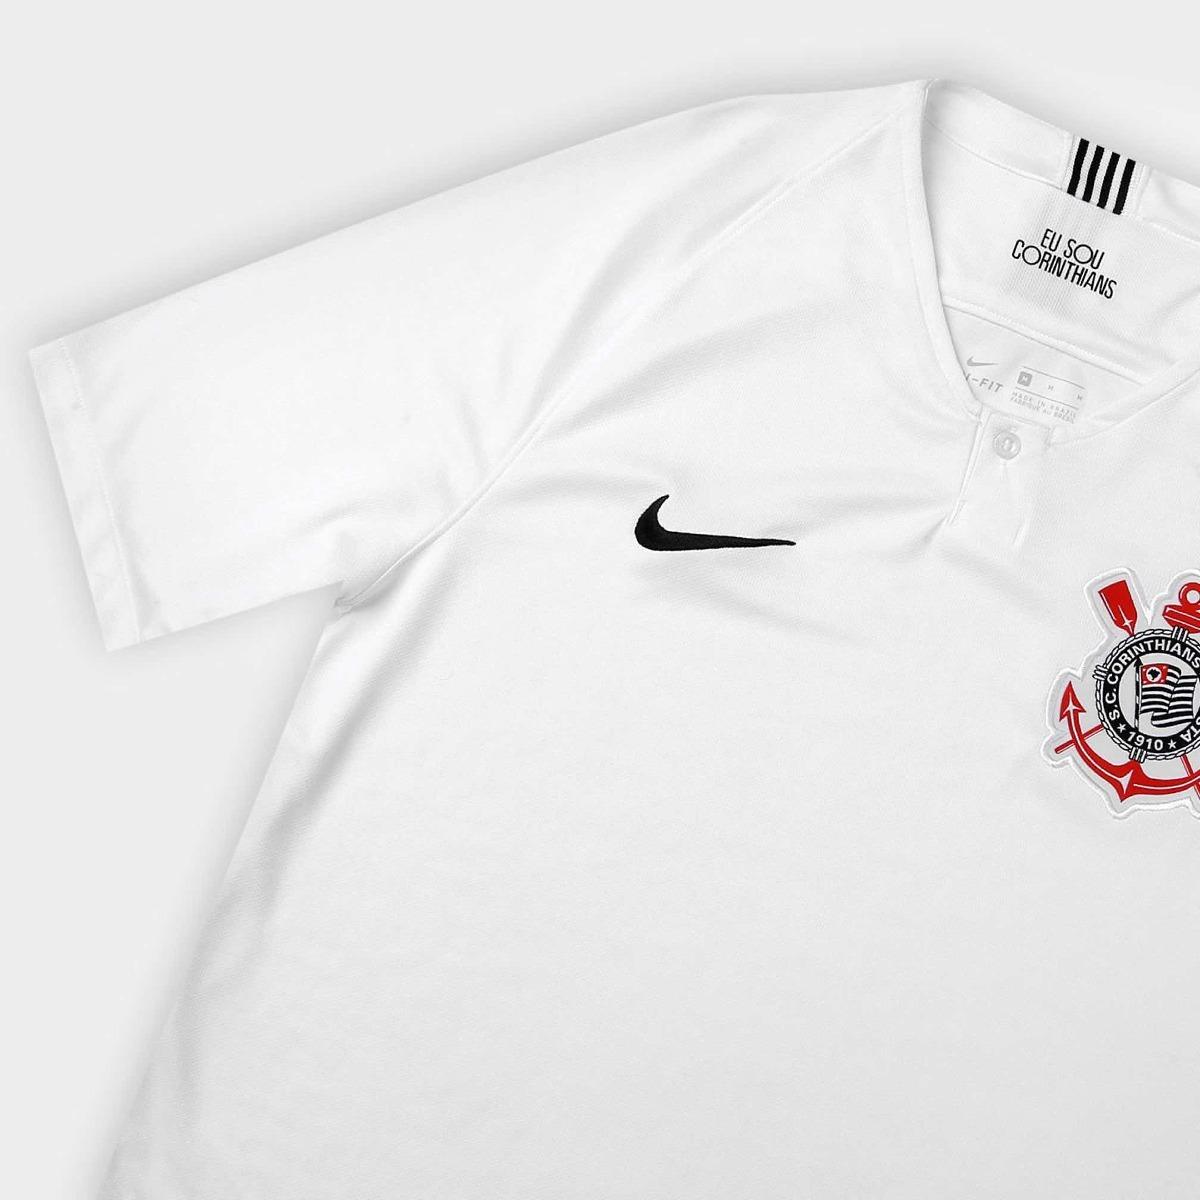 camisa corinthians original oficial 2018 2019 frete gratis. Carregando zoom. 408b8d42bf8f4